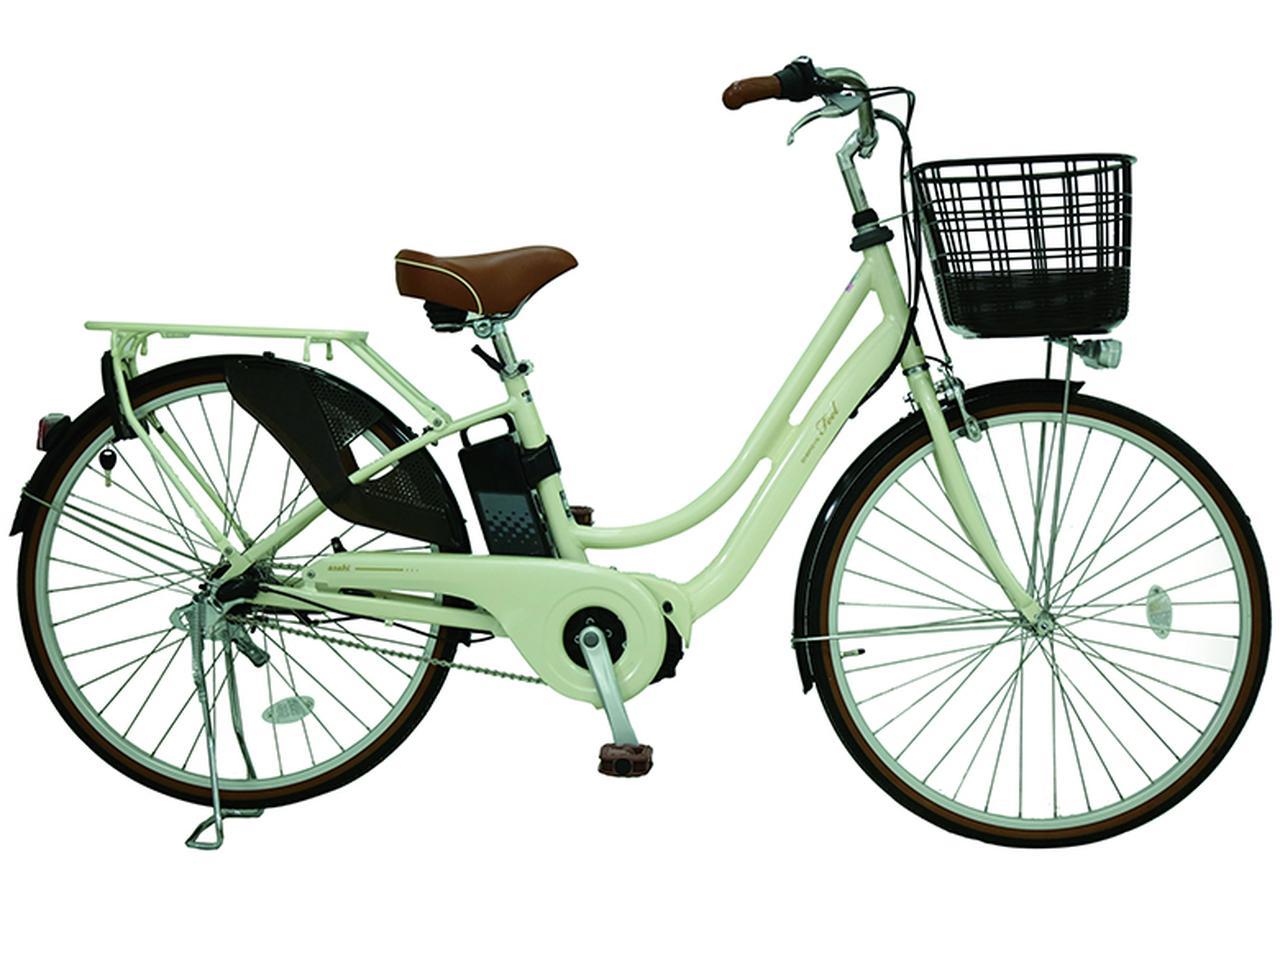 画像2: 最新電動アシスト自転車「ENERSYS Feel」が登場!新ドライブユニットでパワフル&スムーズな乗り心地が特徴